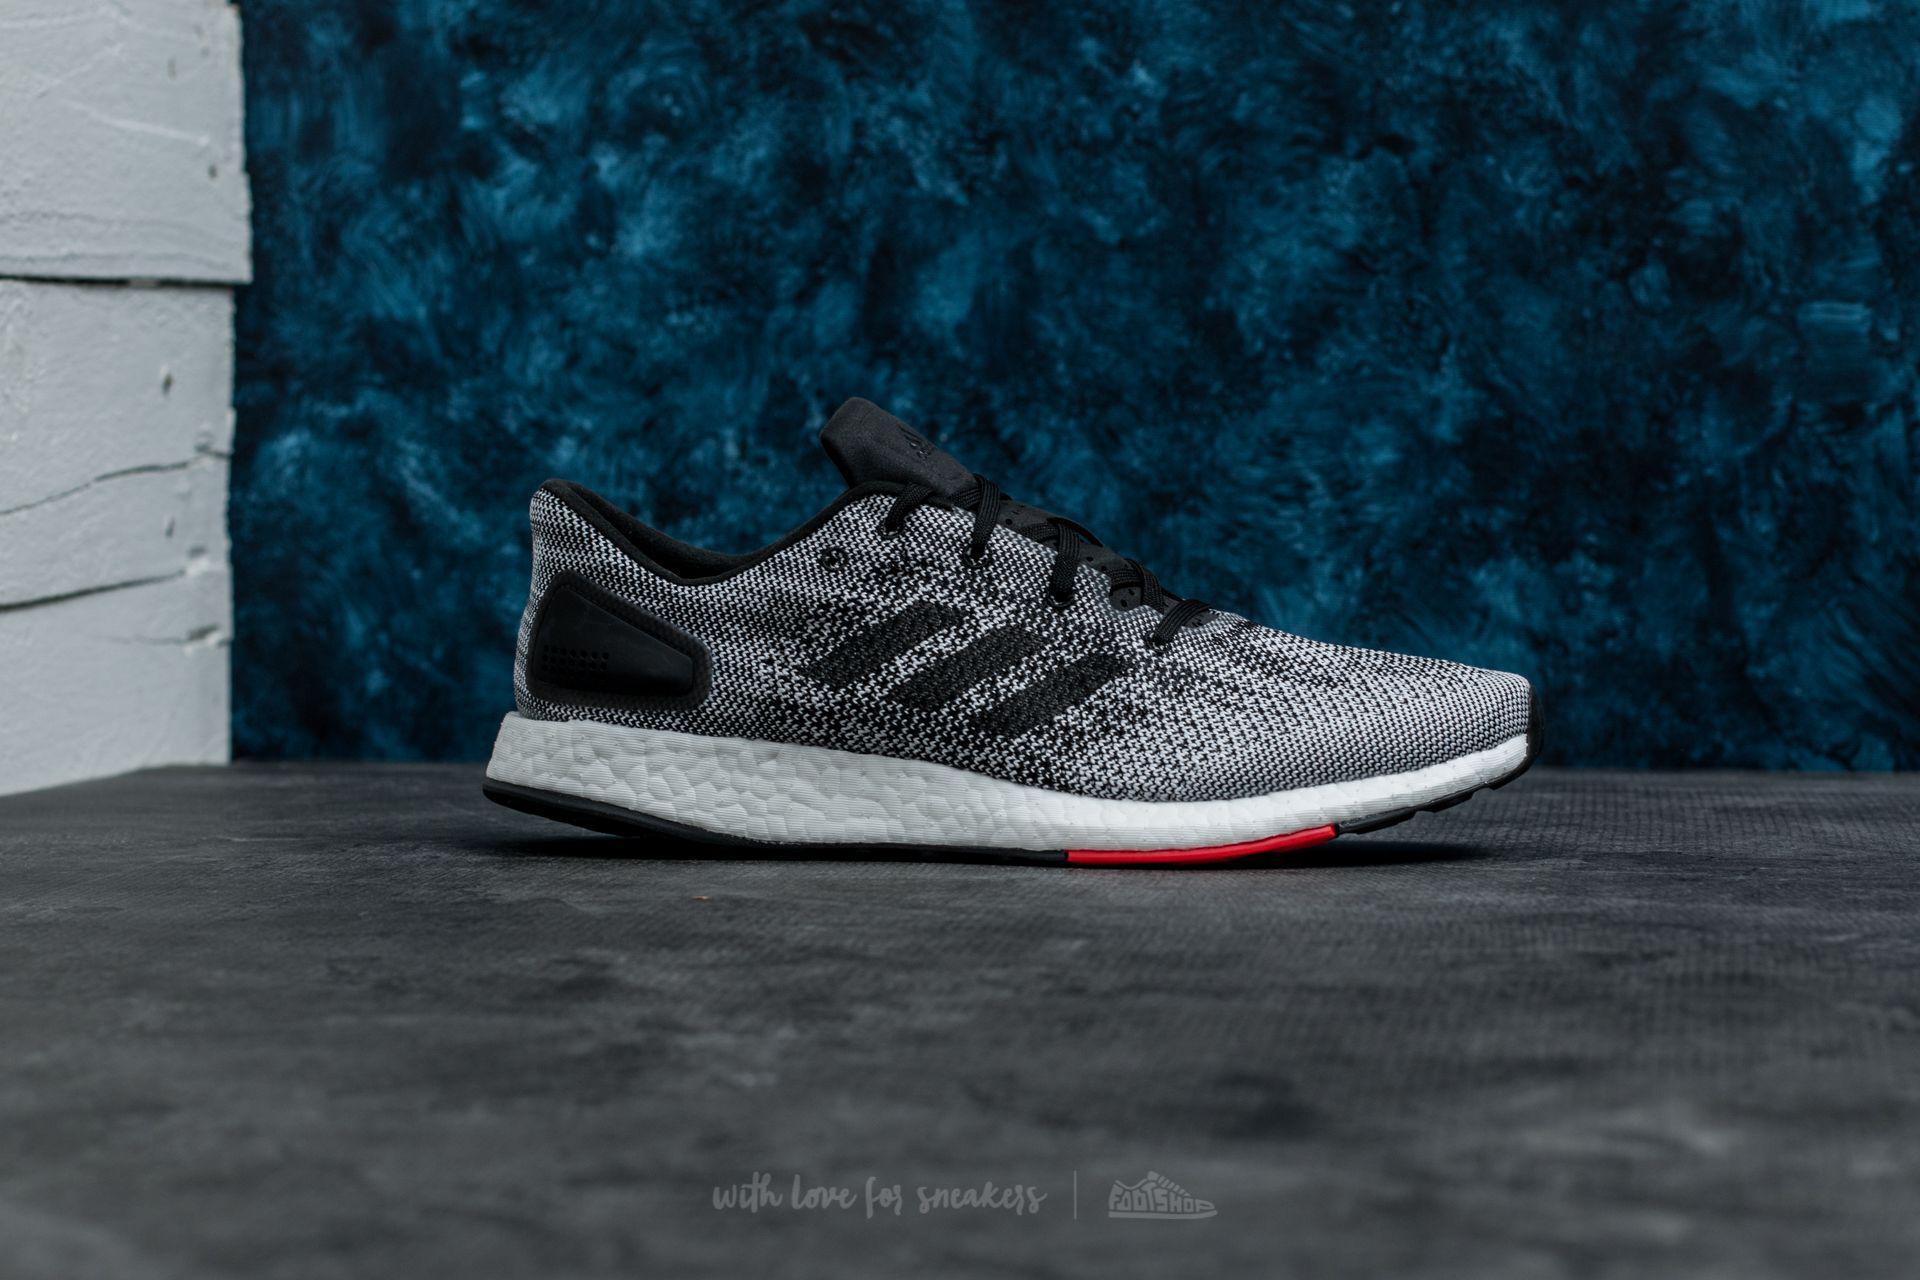 Lyst footshop adidas pureboost DPR Core Negro / FTW blanco en negro